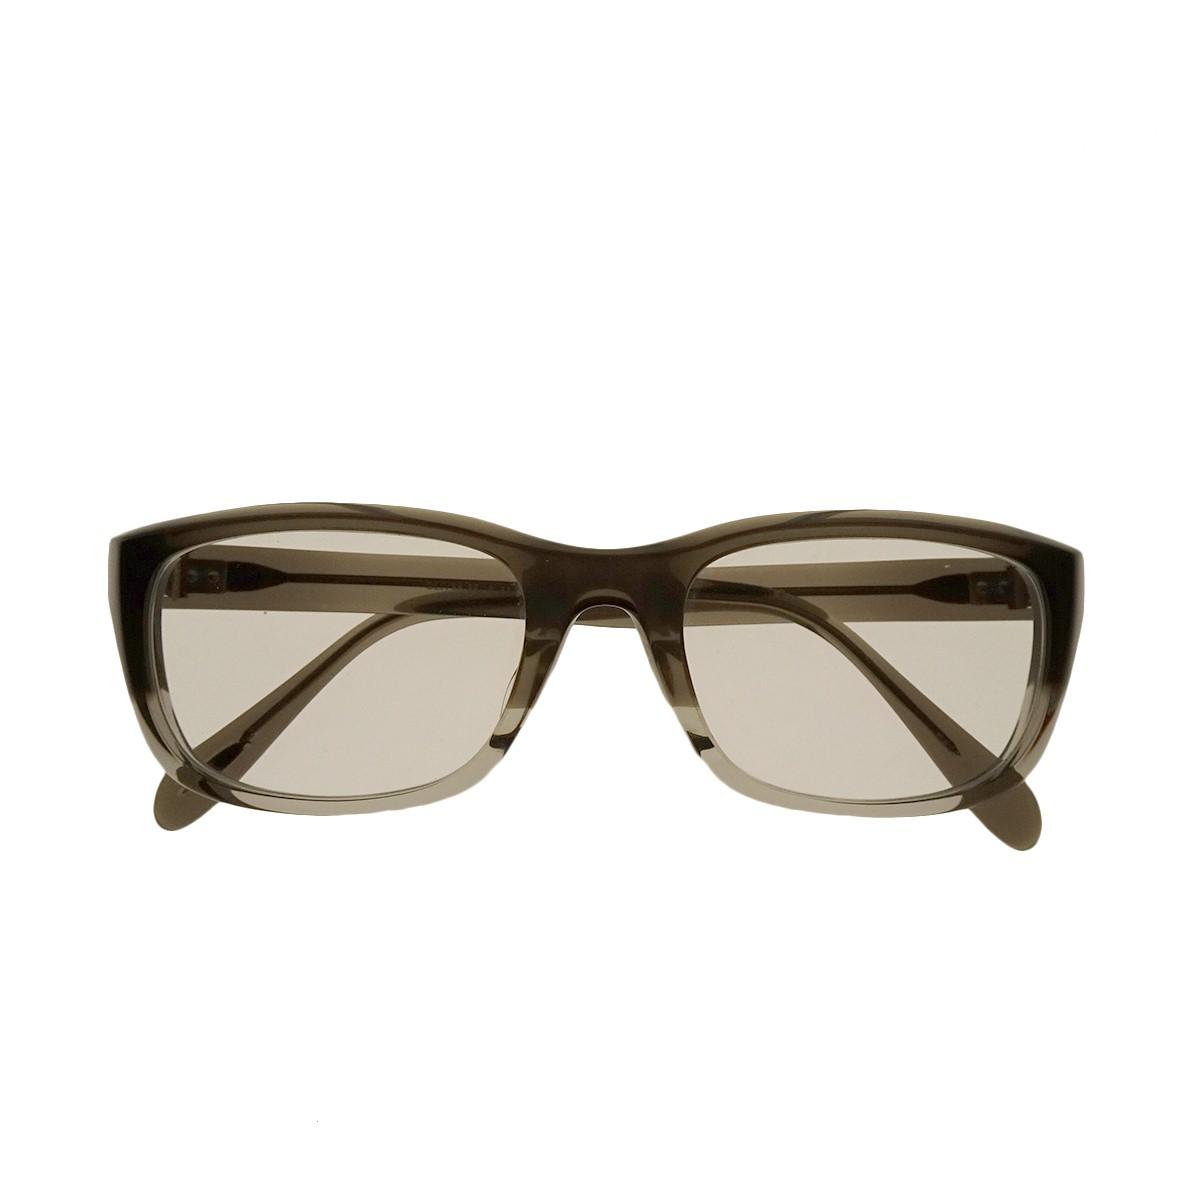 【おすすめ】 OLIVER PEOPLES GRFD グラデーションフレーム眼鏡 グレー サイズ:51□19-140 【070121】(オリバーピープルズ), ジュエリー工房アトラス 3415ee39